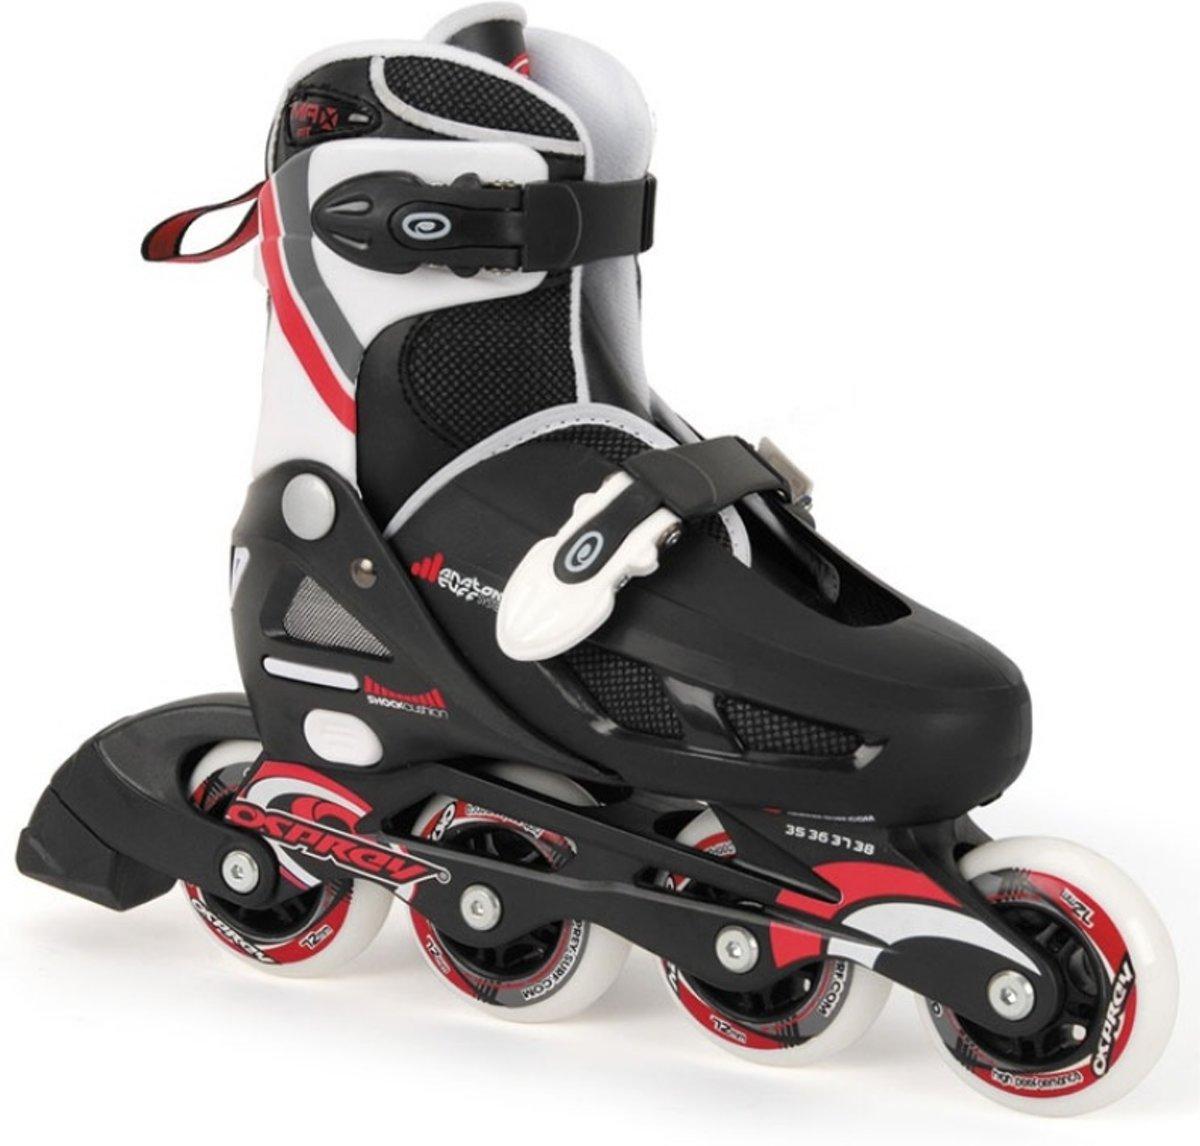 899434aa4bd Osprey Jongens inline skates verstelbaar zwart rood maat 31-33